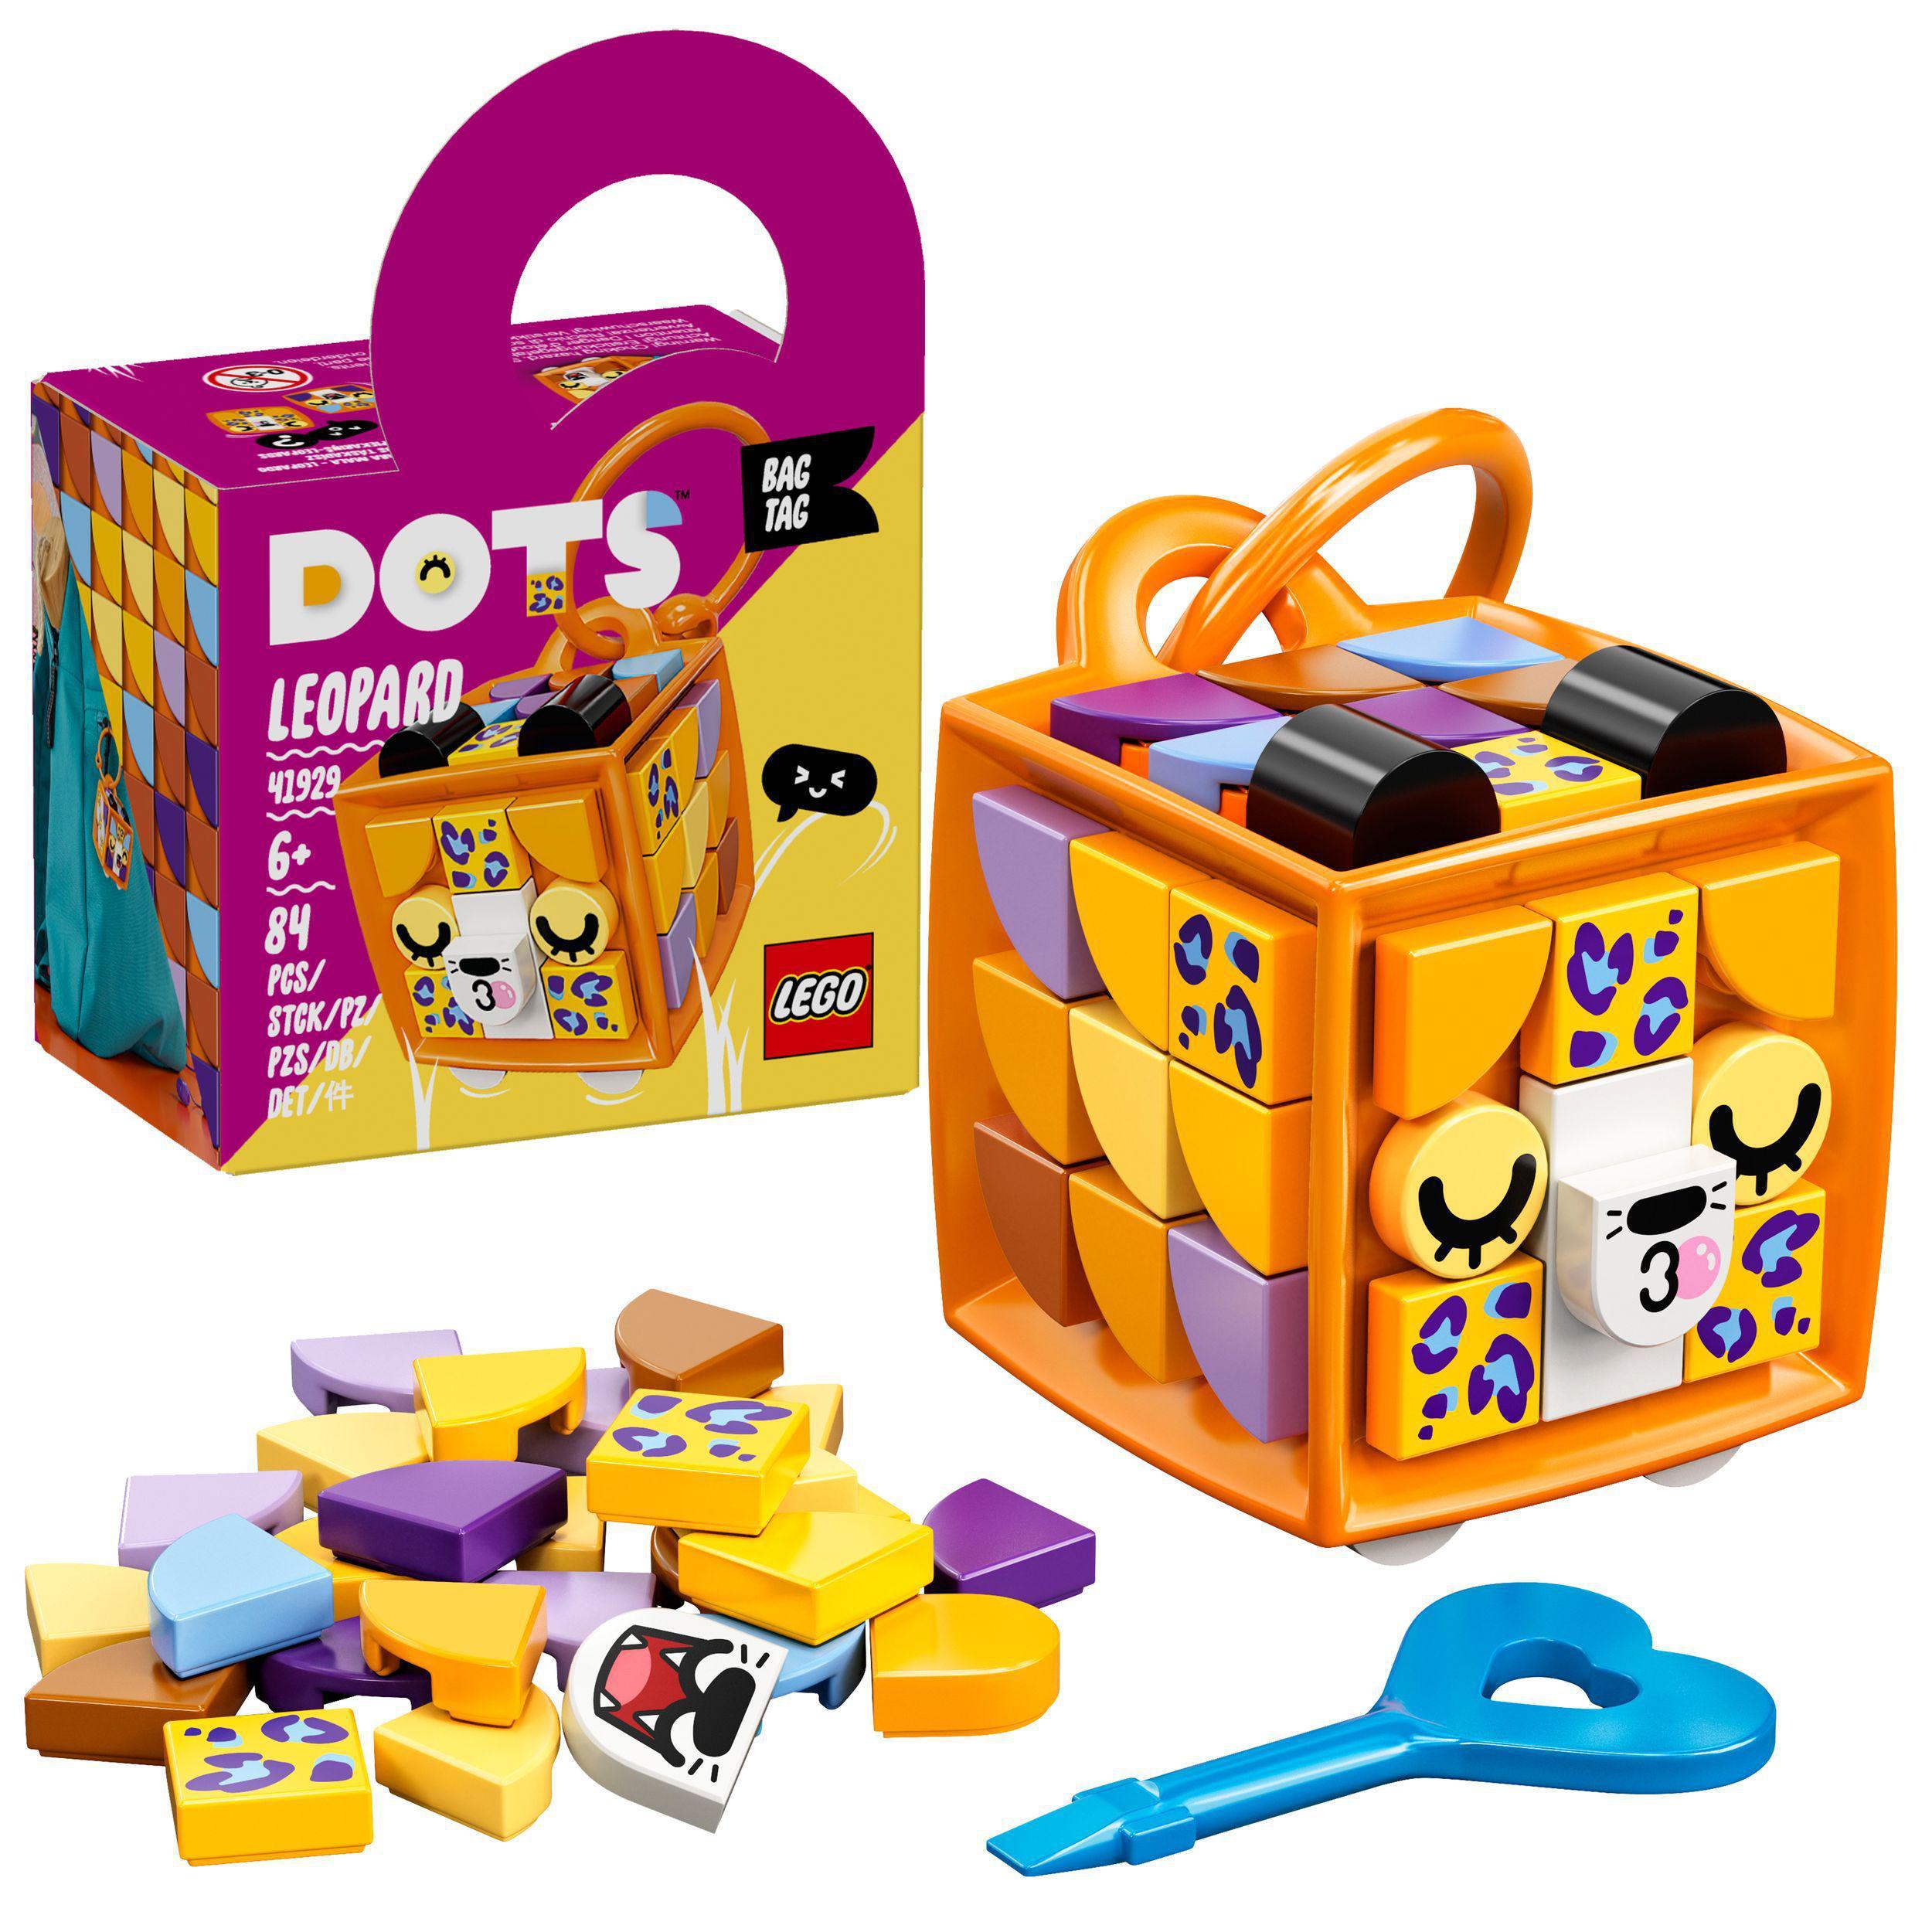 LEGO DOTS - Bag Tag Leopard (41929)